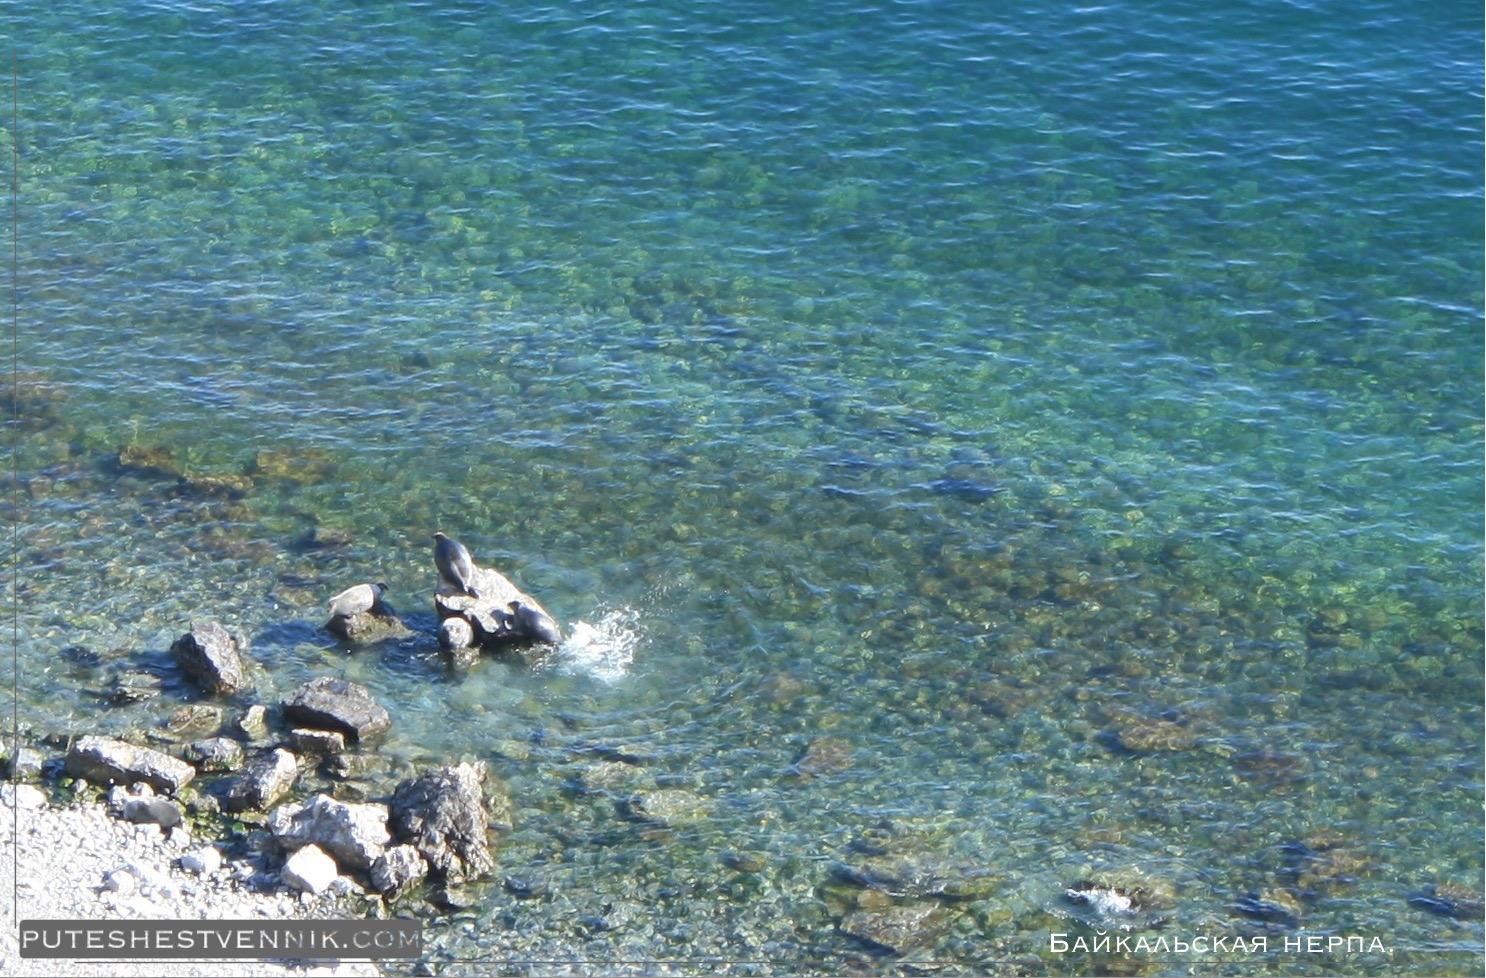 Байкальские нерпы на камнях